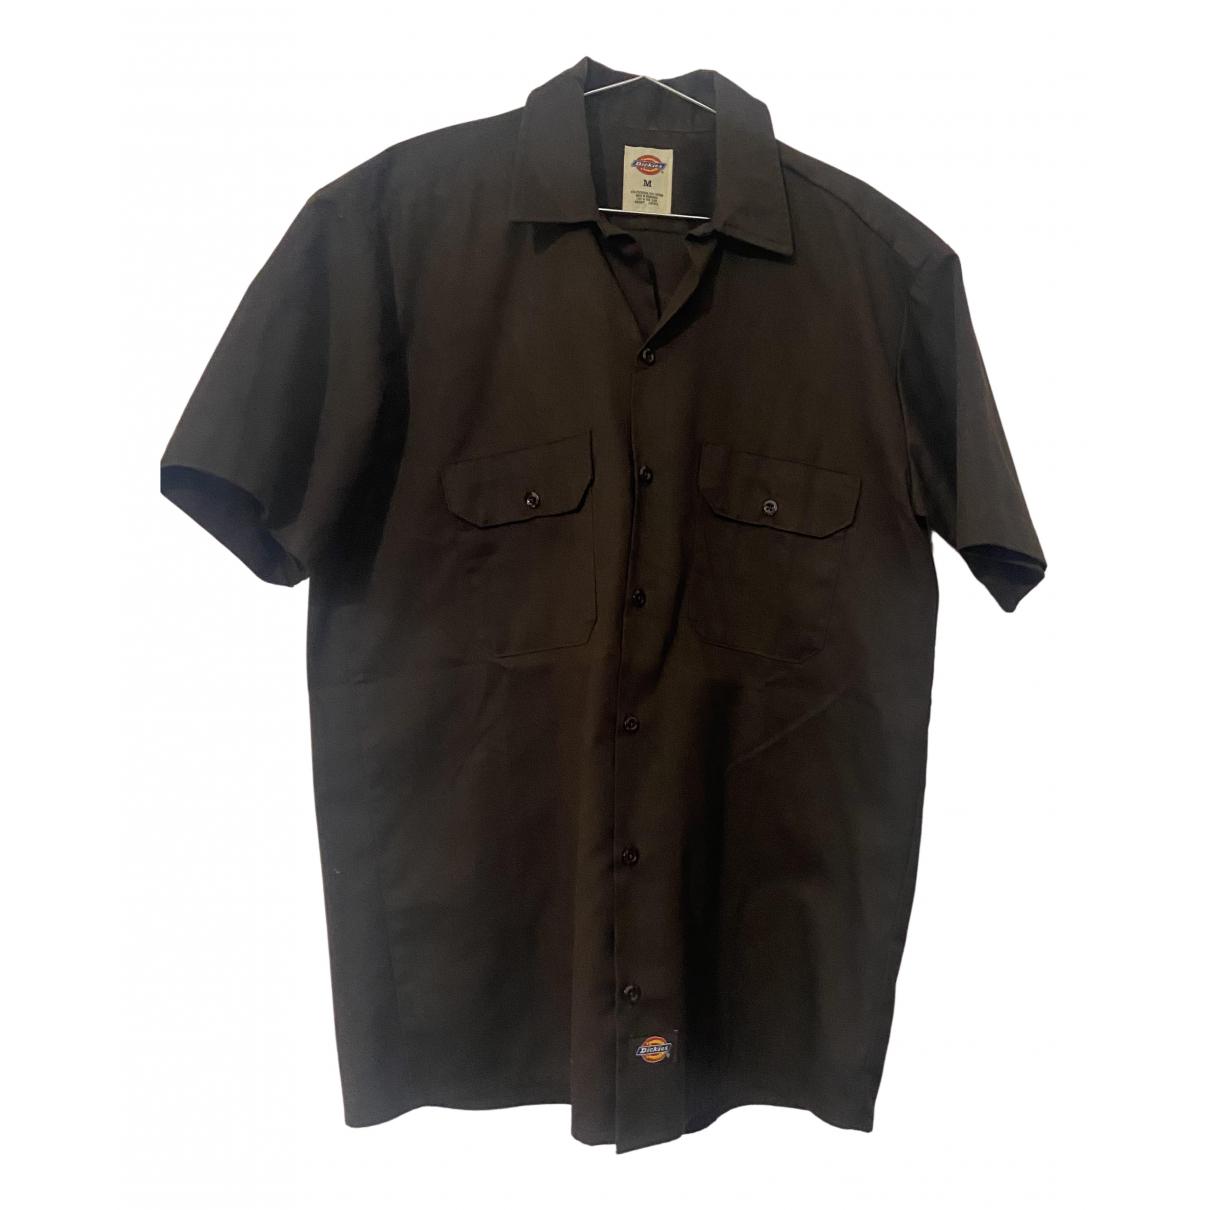 Dickies - Chemises   pour homme - marron